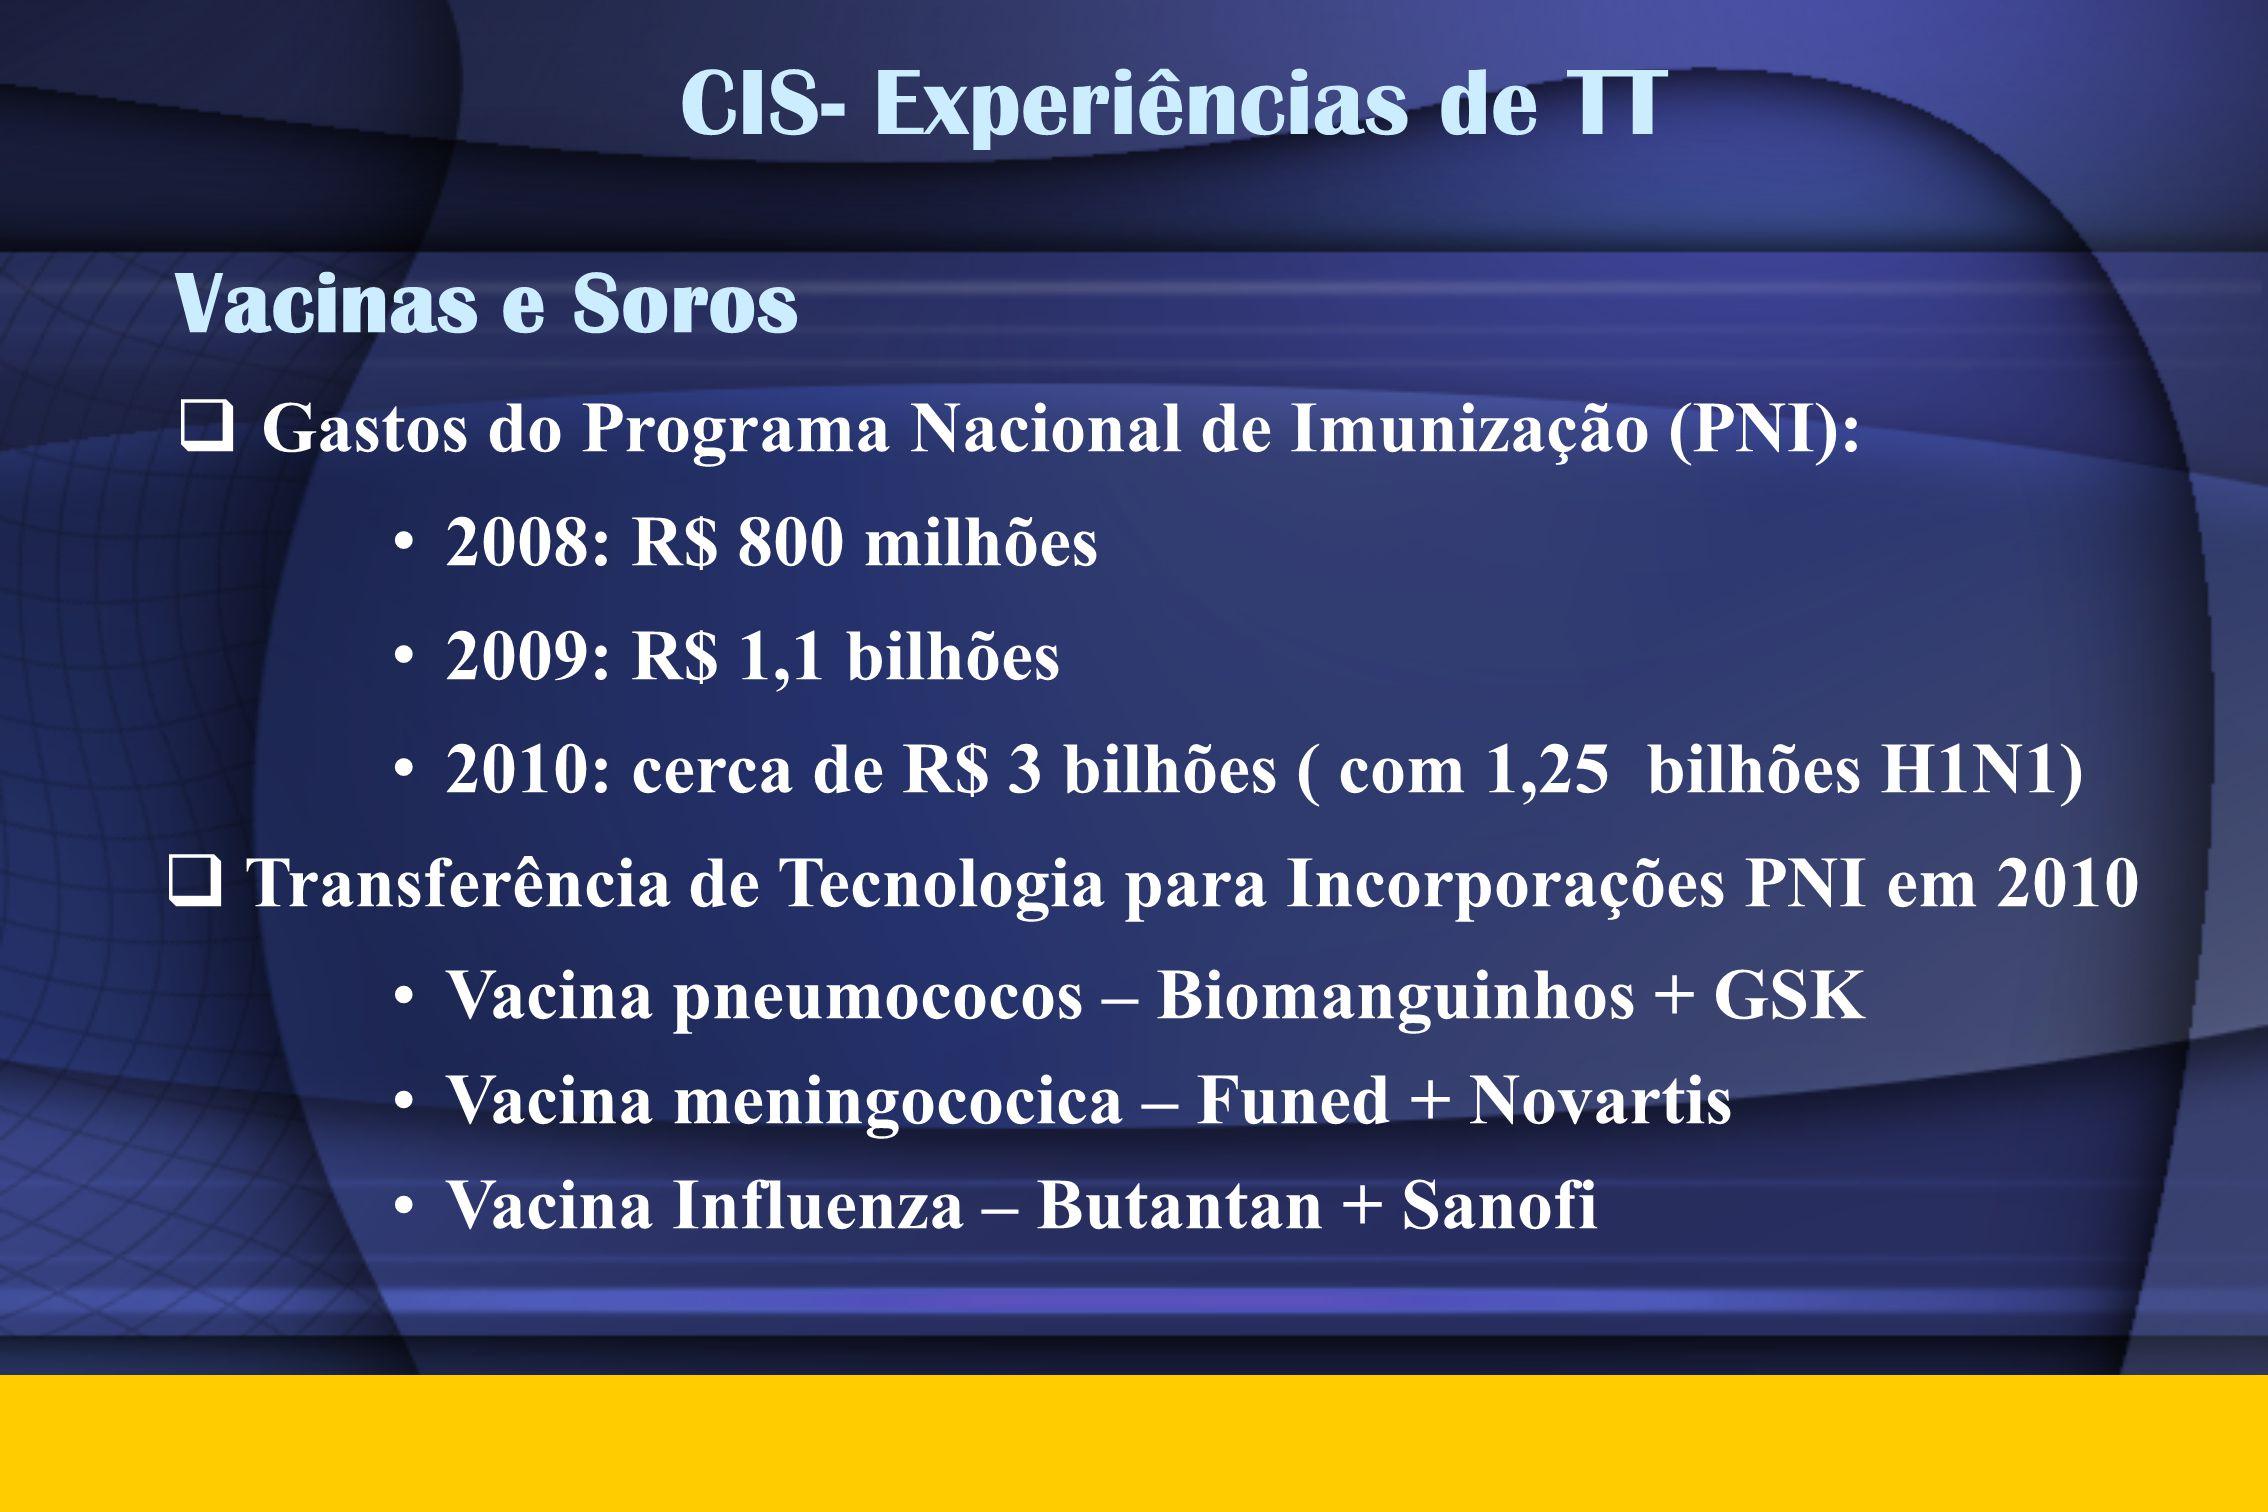 CIS- Experiências de TT